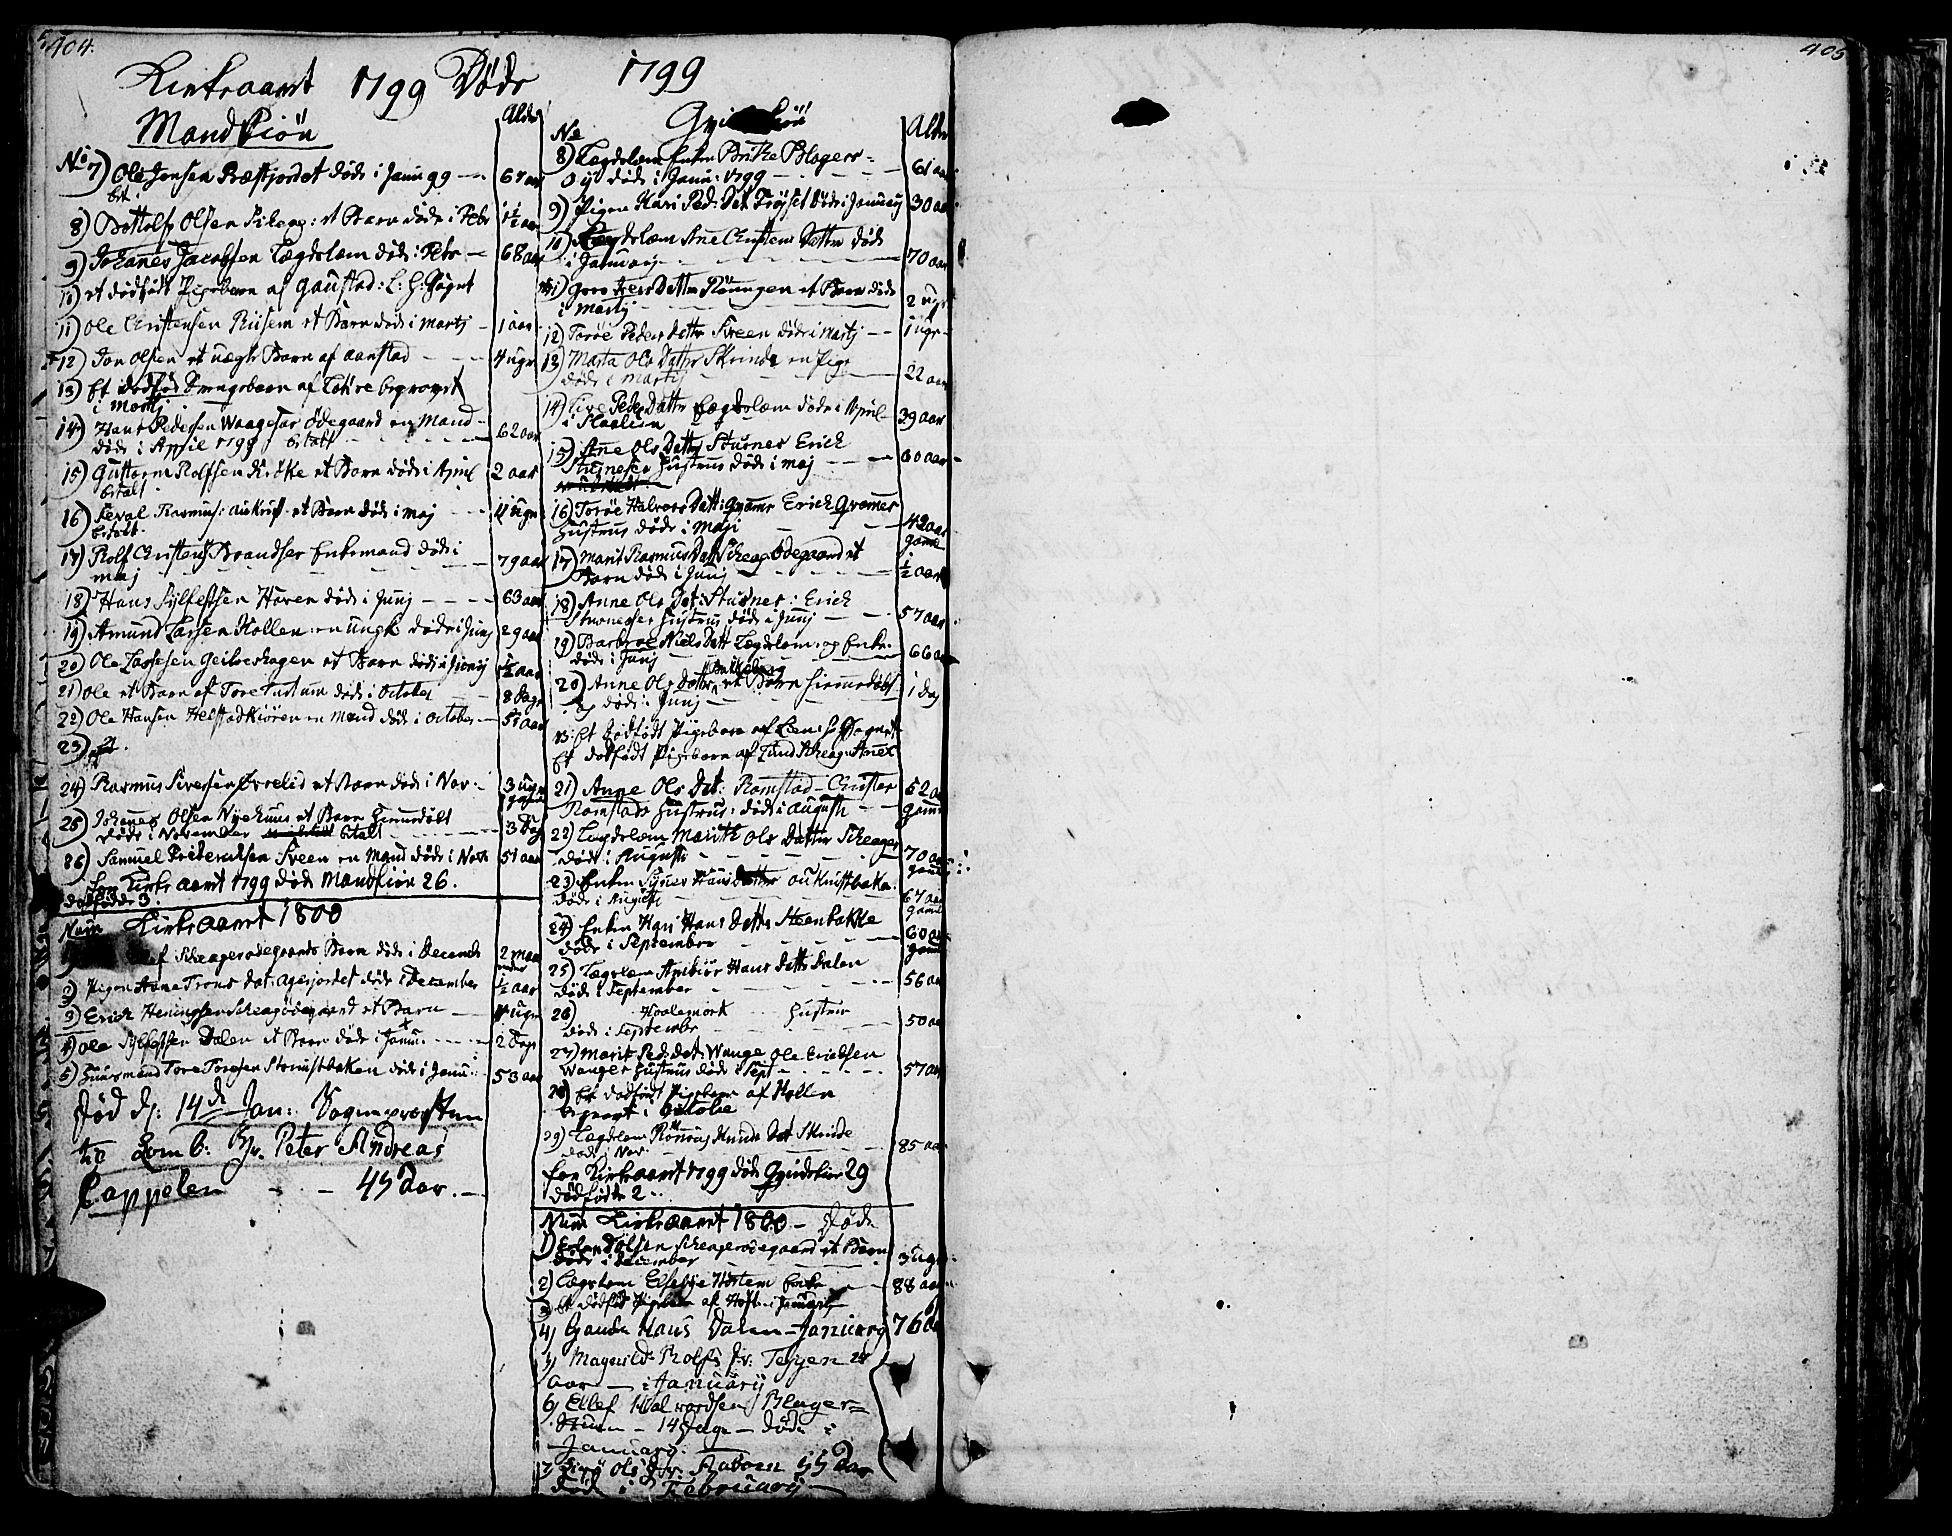 SAH, Lom prestekontor, K/L0002: Ministerialbok nr. 2, 1749-1801, s. 404-405